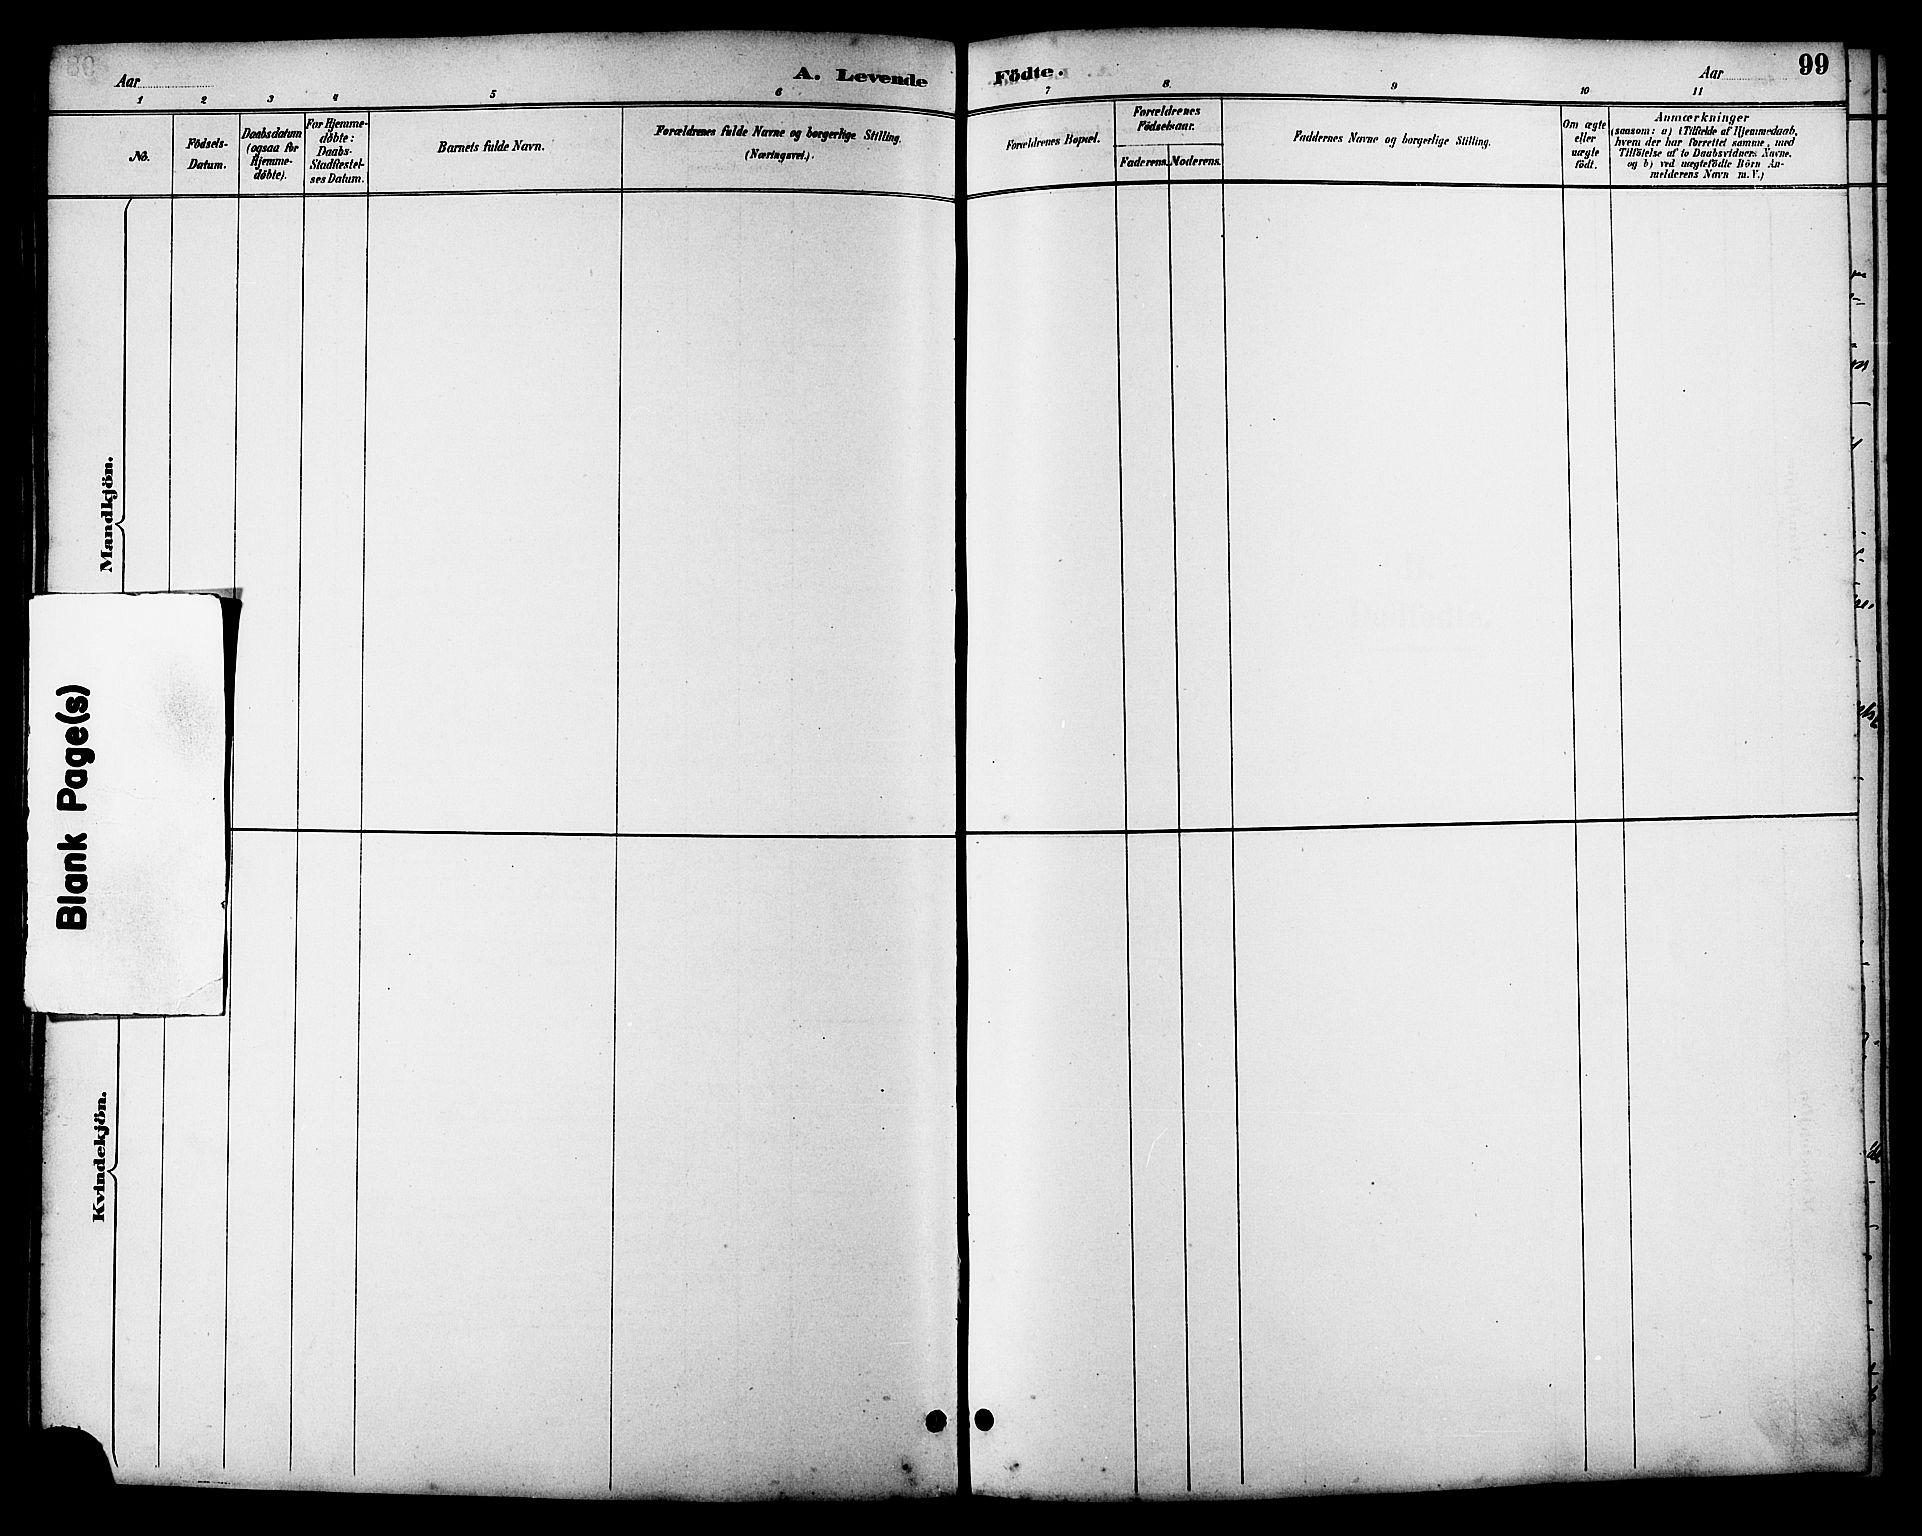 SAT, Ministerialprotokoller, klokkerbøker og fødselsregistre - Sør-Trøndelag, 657/L0716: Klokkerbok nr. 657C03, 1889-1904, s. 99